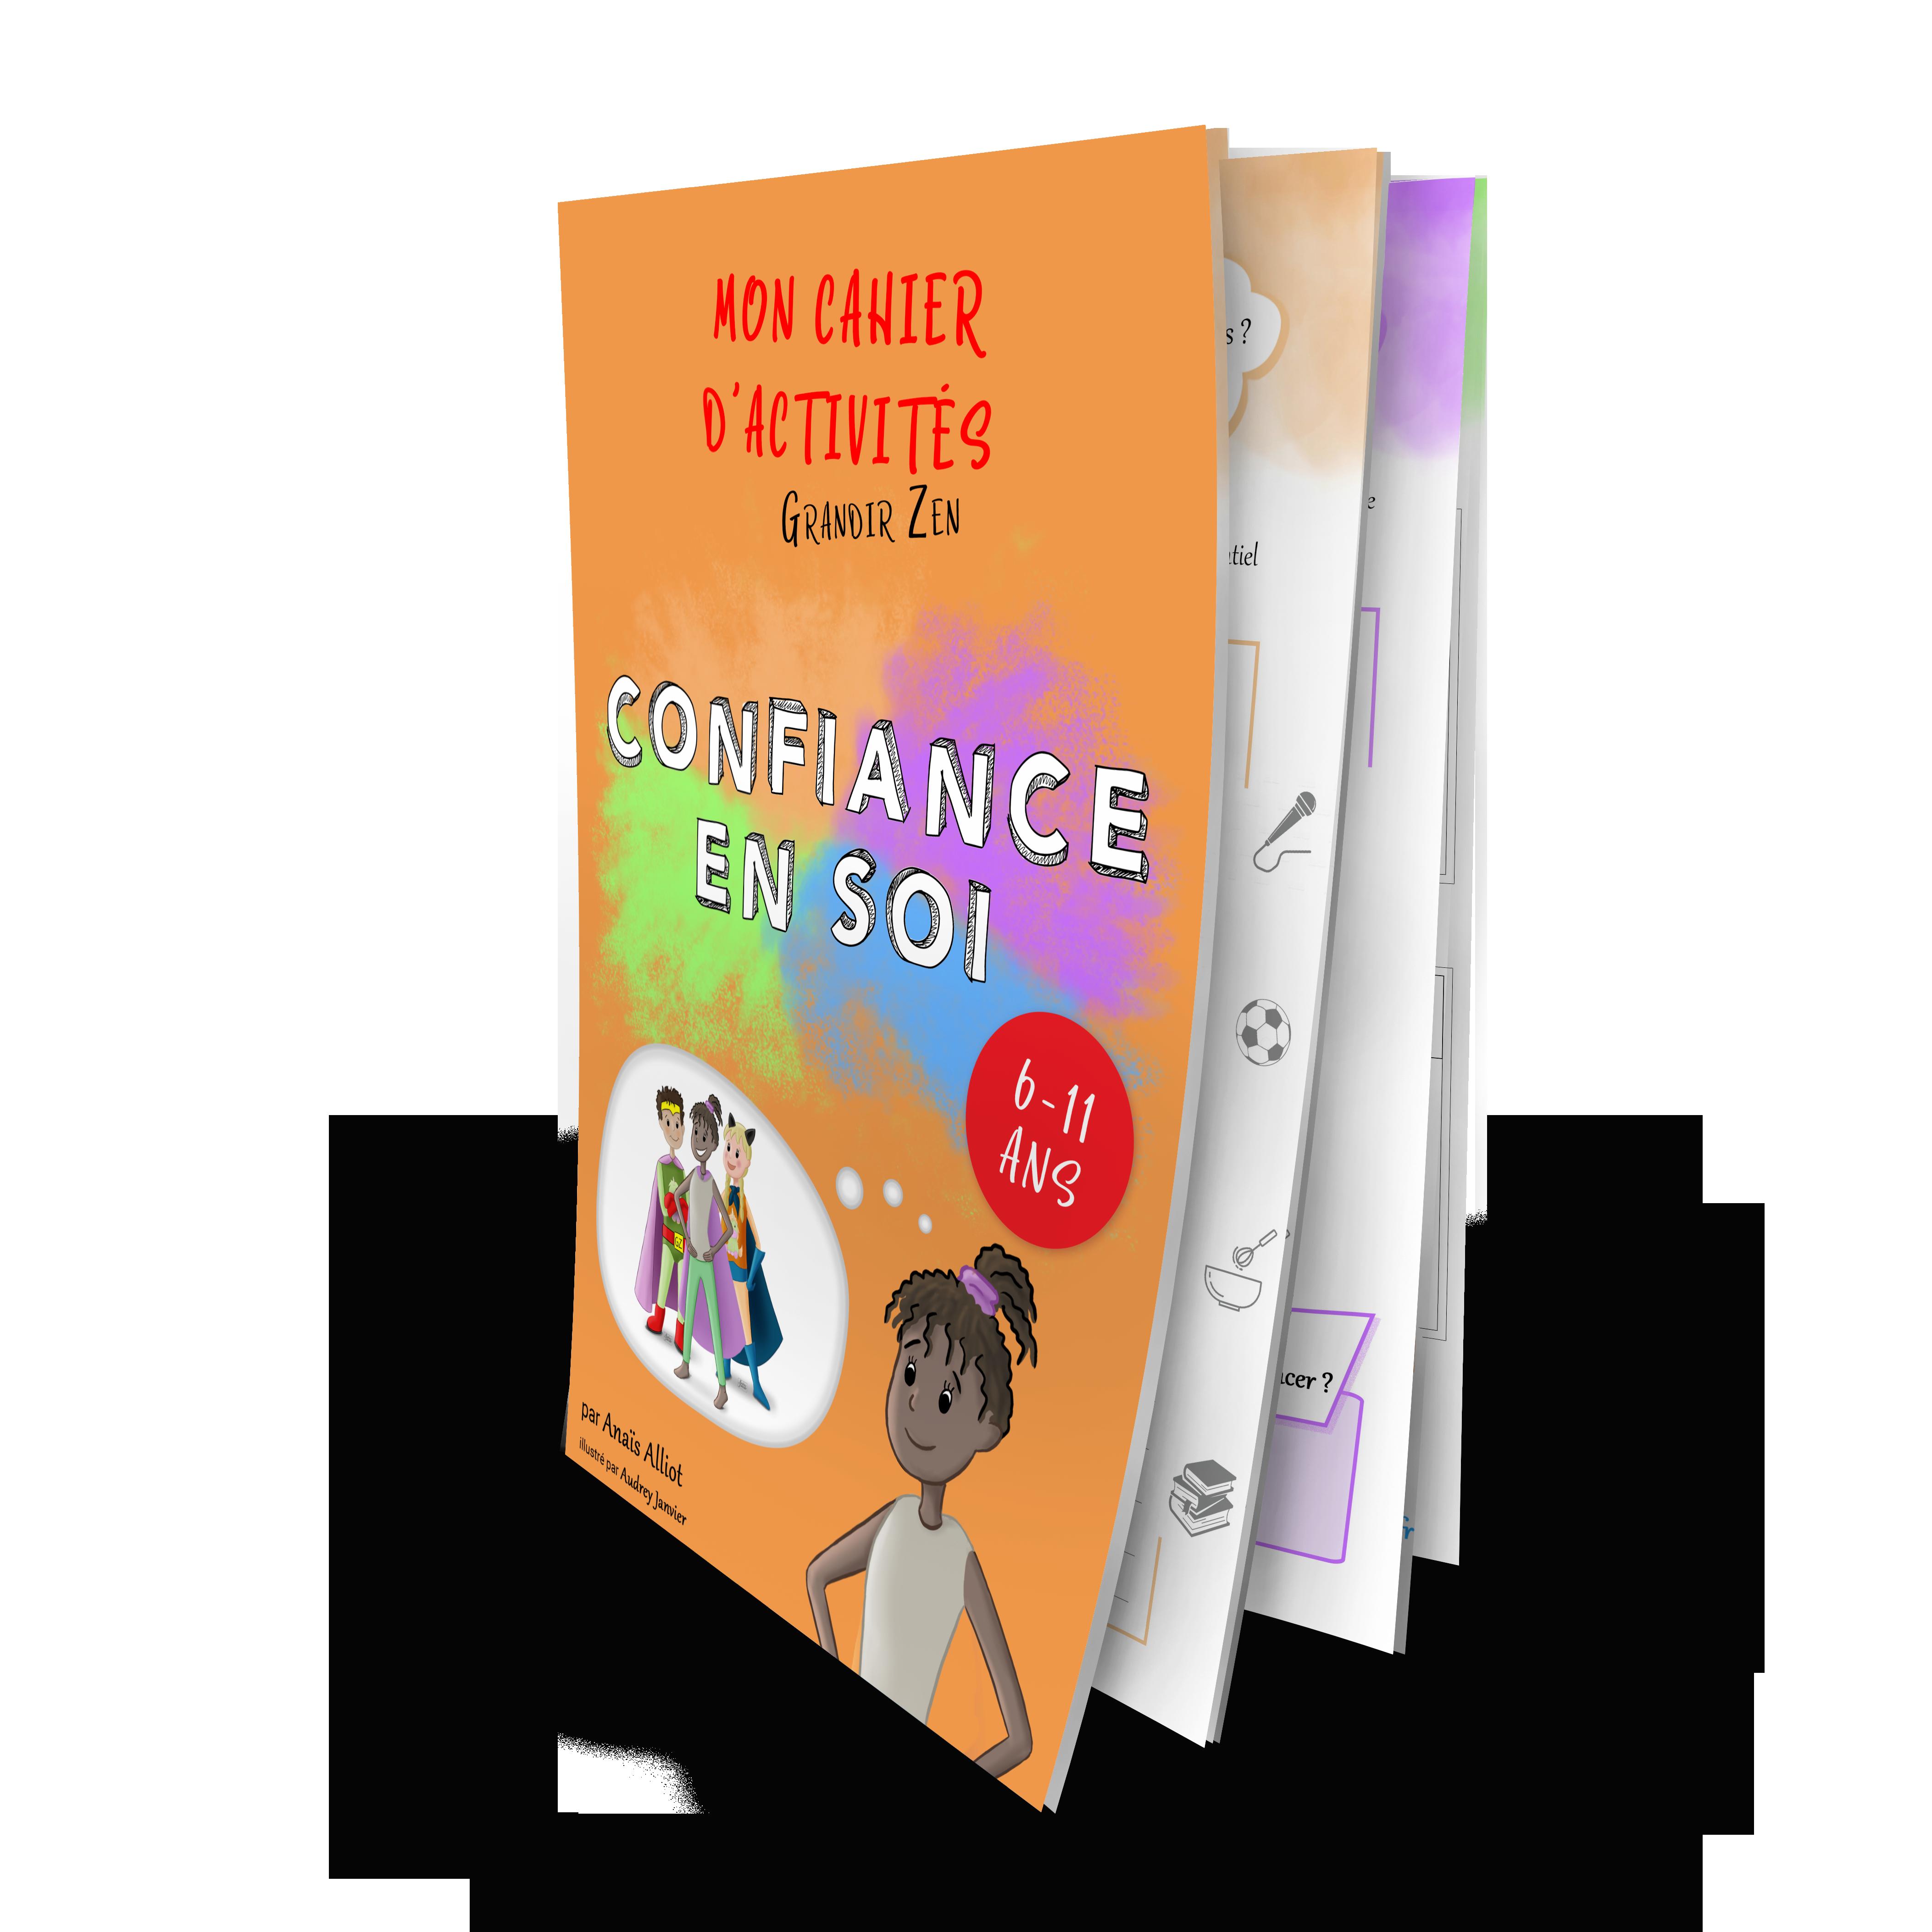 Mocap couverture cahier Grandir Zen confiance en soi pour enfants dès 6 ans, développement personnel enfants